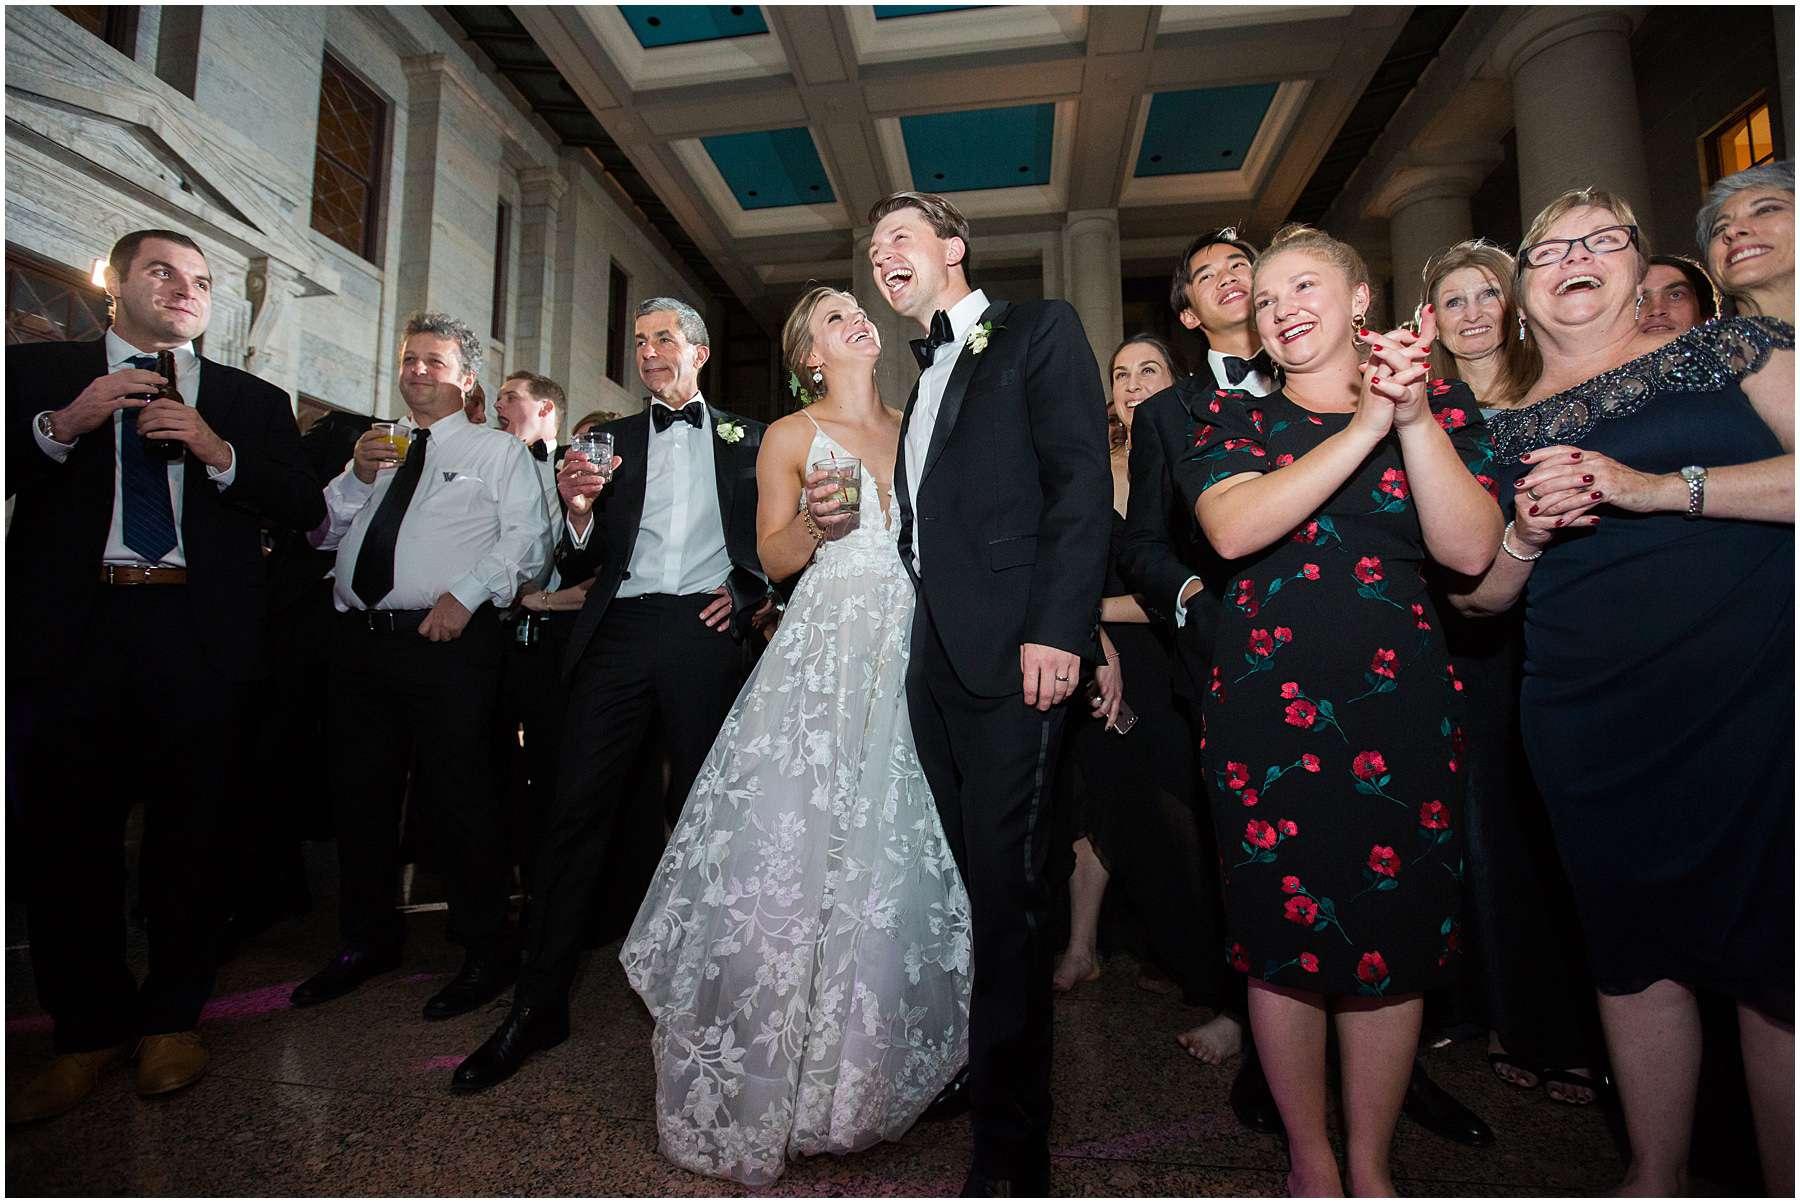 Wedding at the Ohio Statehouse | Columbus Ohio Weddings 234